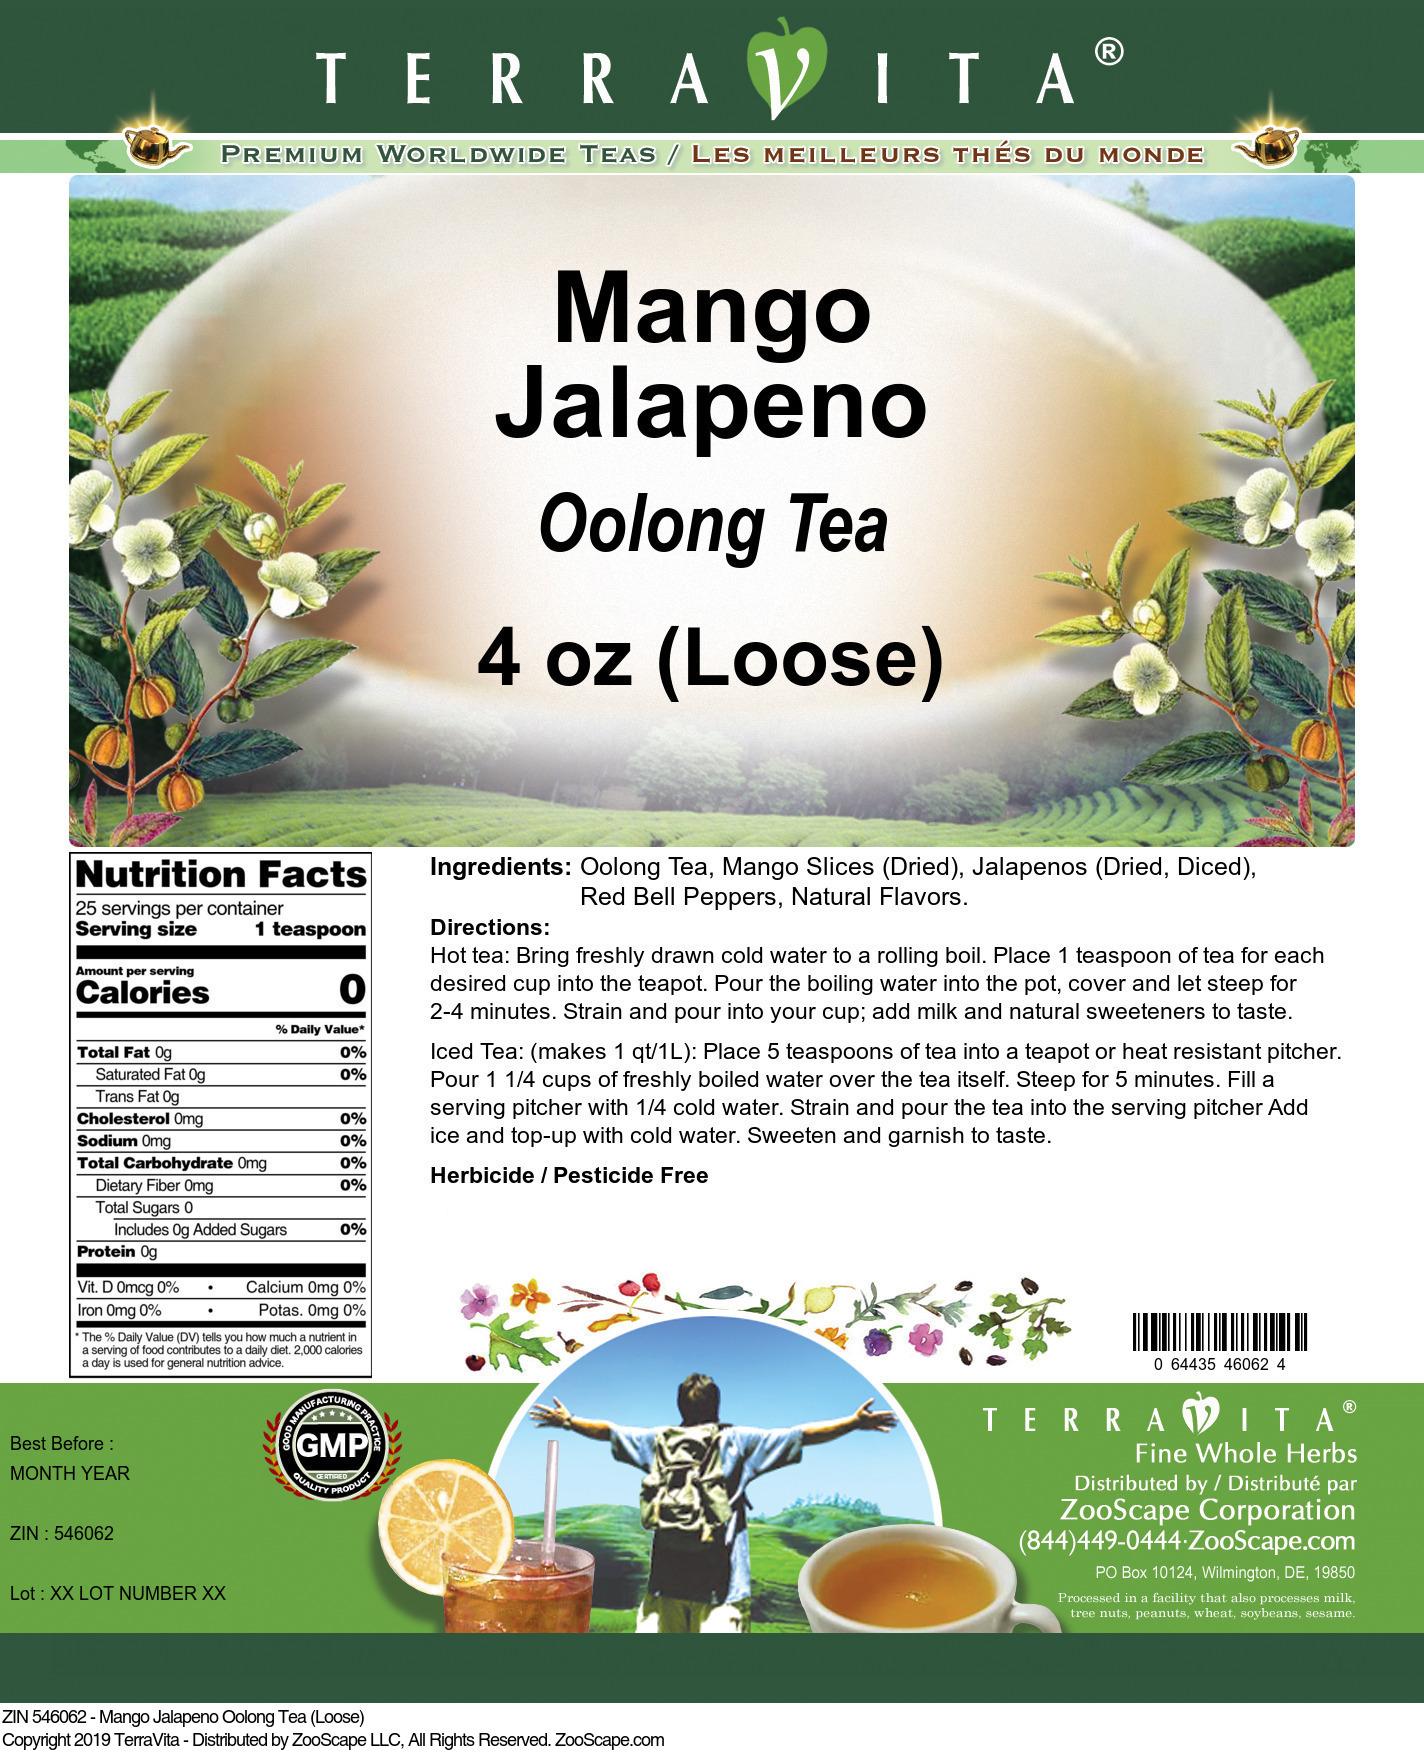 Mango Jalapeno Oolong Tea (Loose)